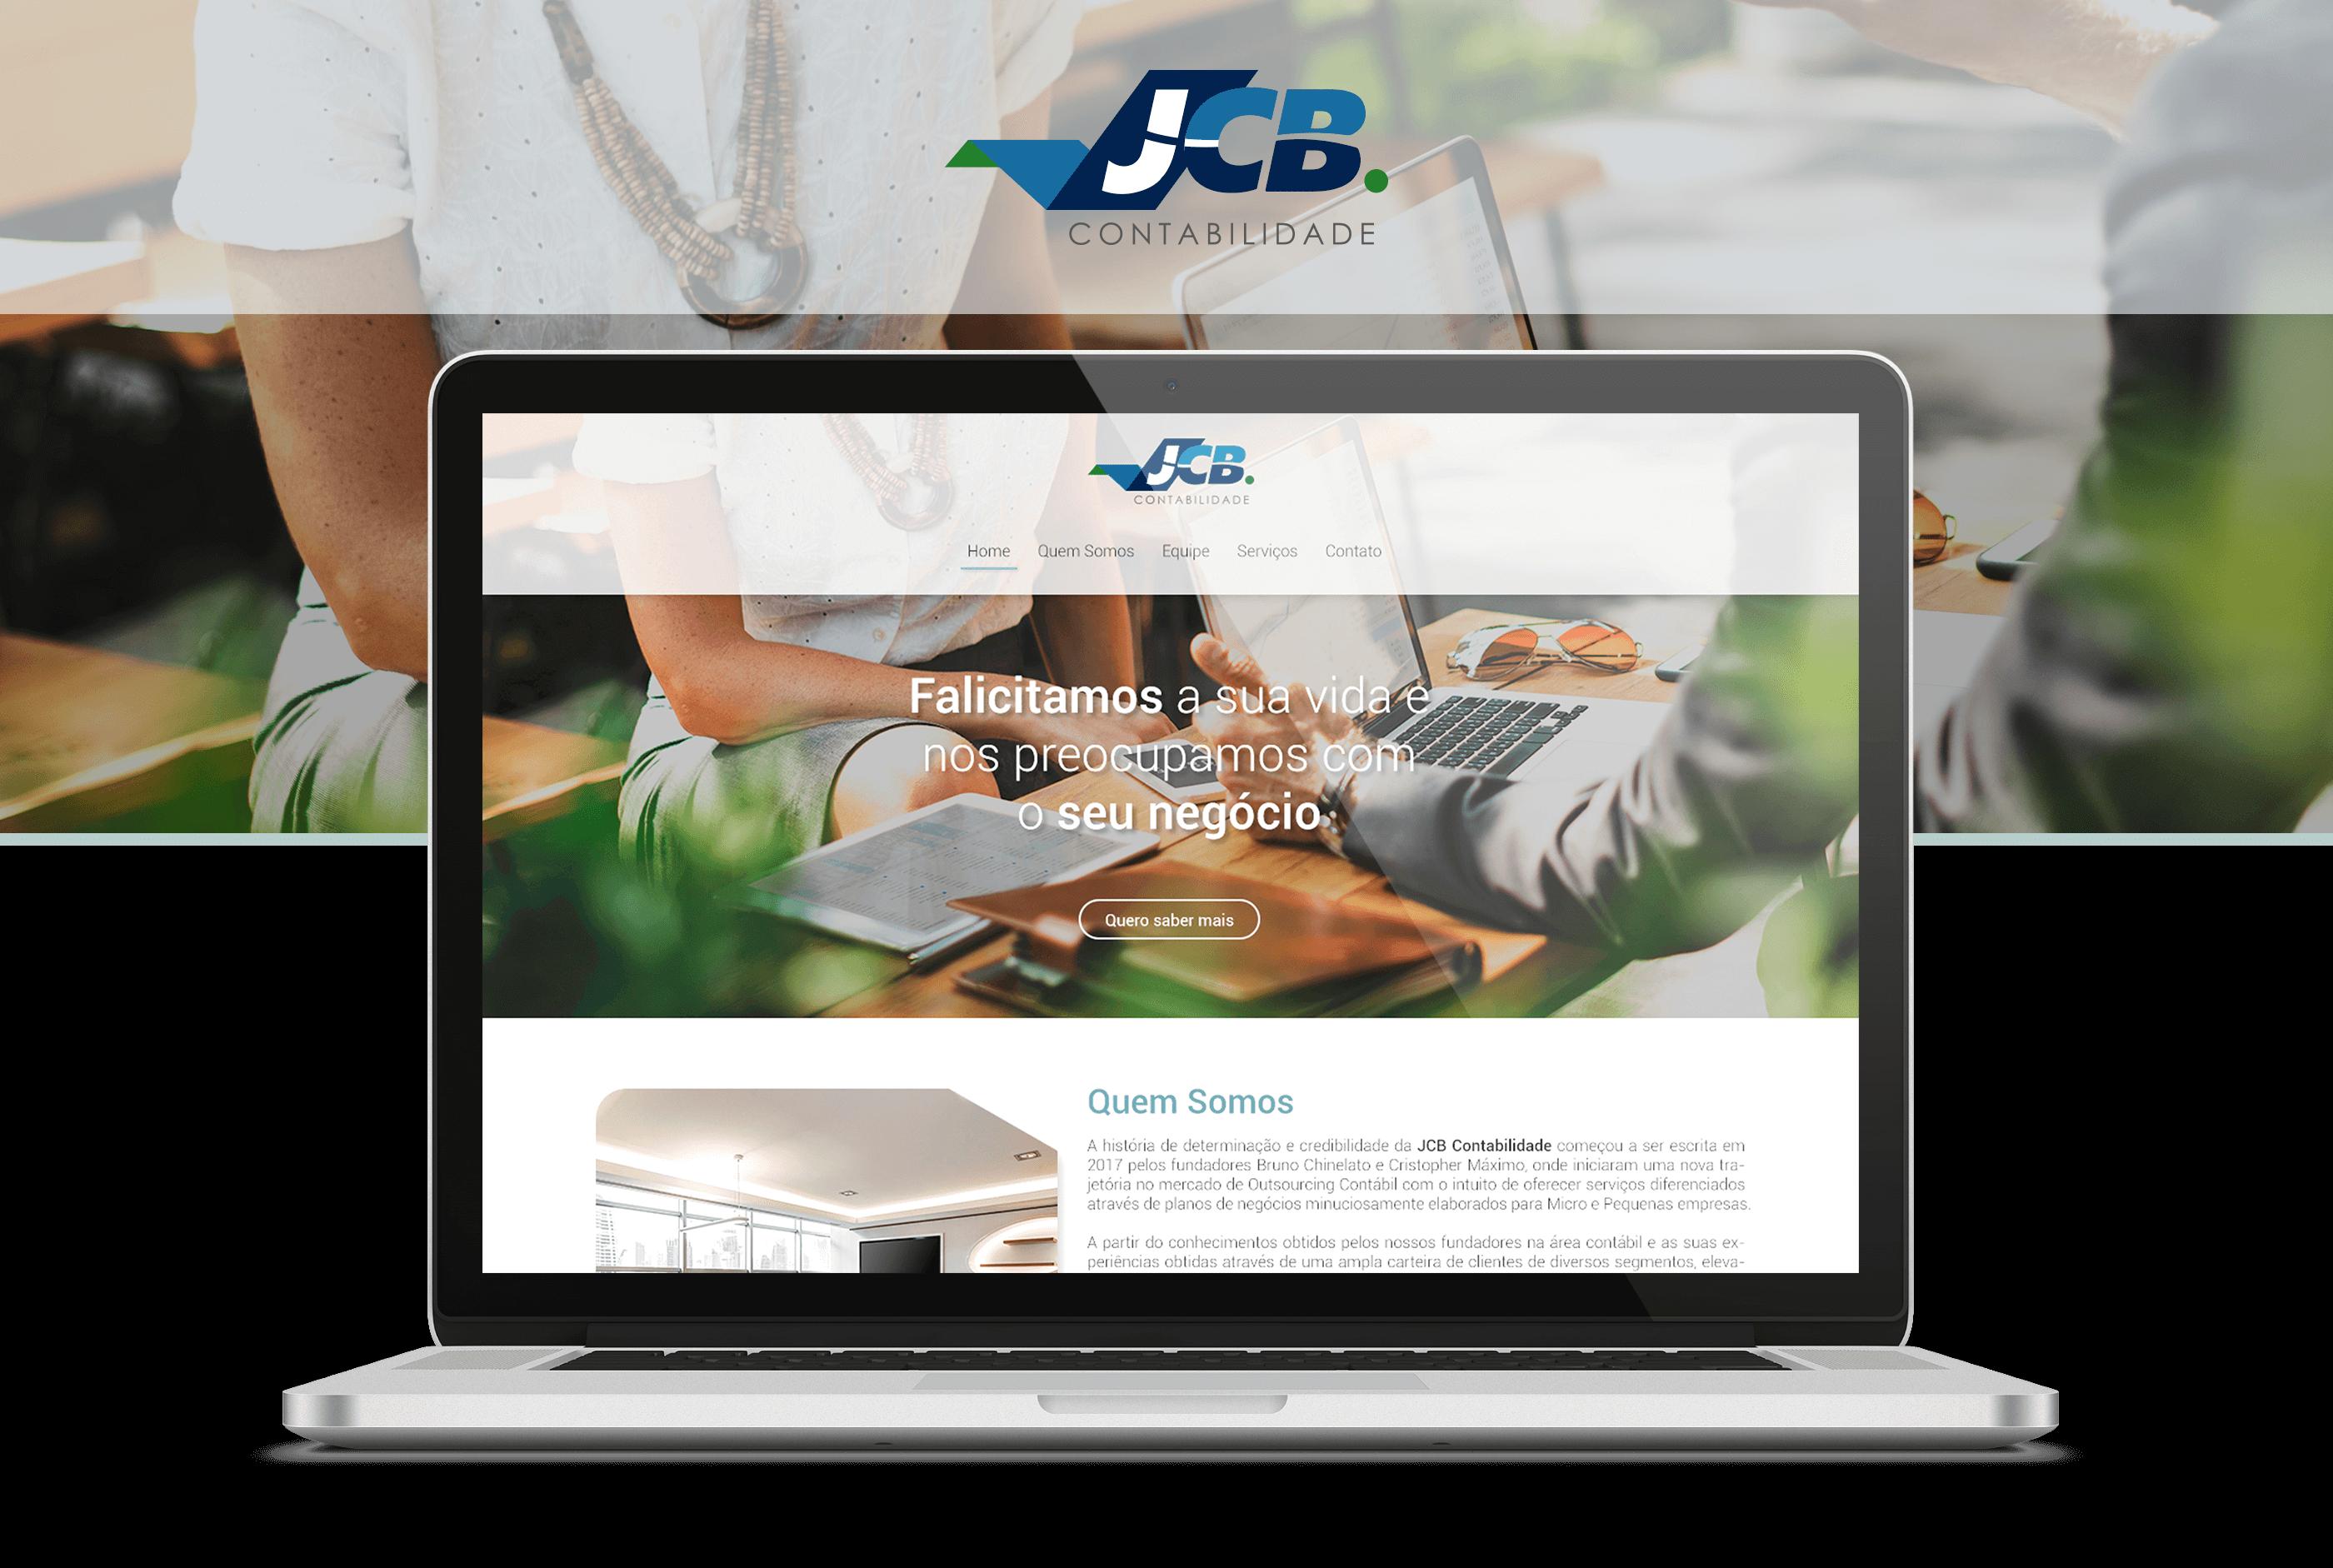 Projeto JCB Contabilidade - Goognet Solução Digital